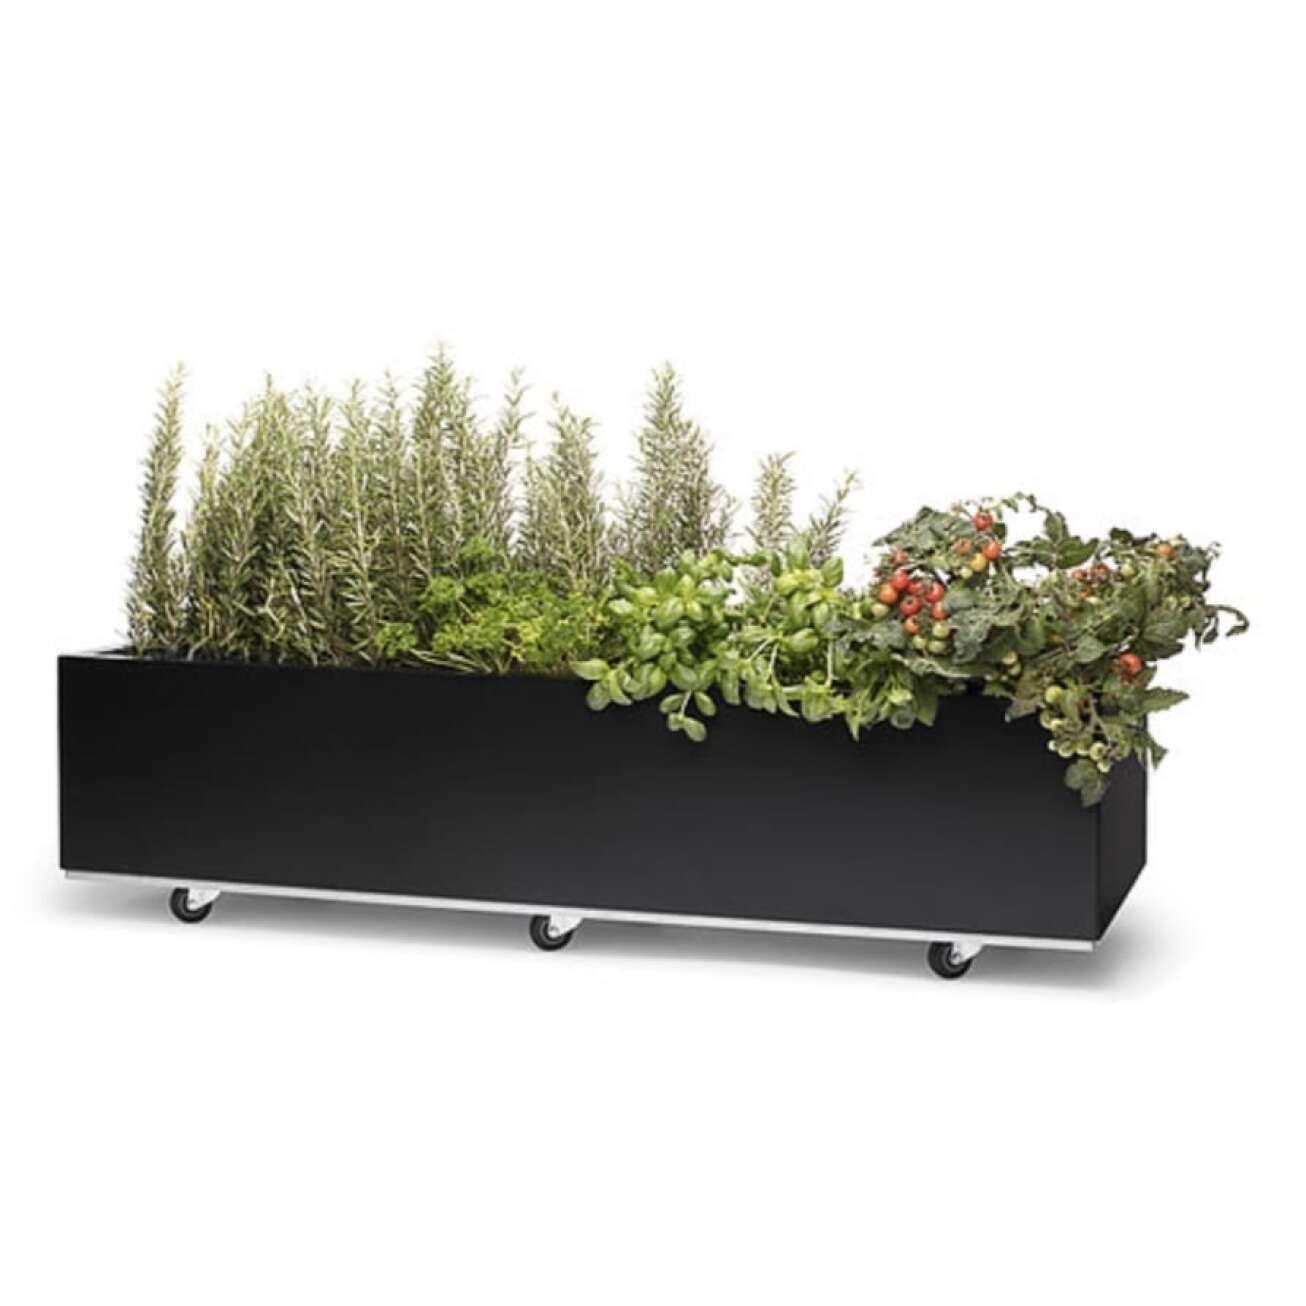 Plantekasse I Sort 120x60x25 Cm Med Bunn Og Hjul (40-012s) Hagemøbler og utemøbler - Fine design